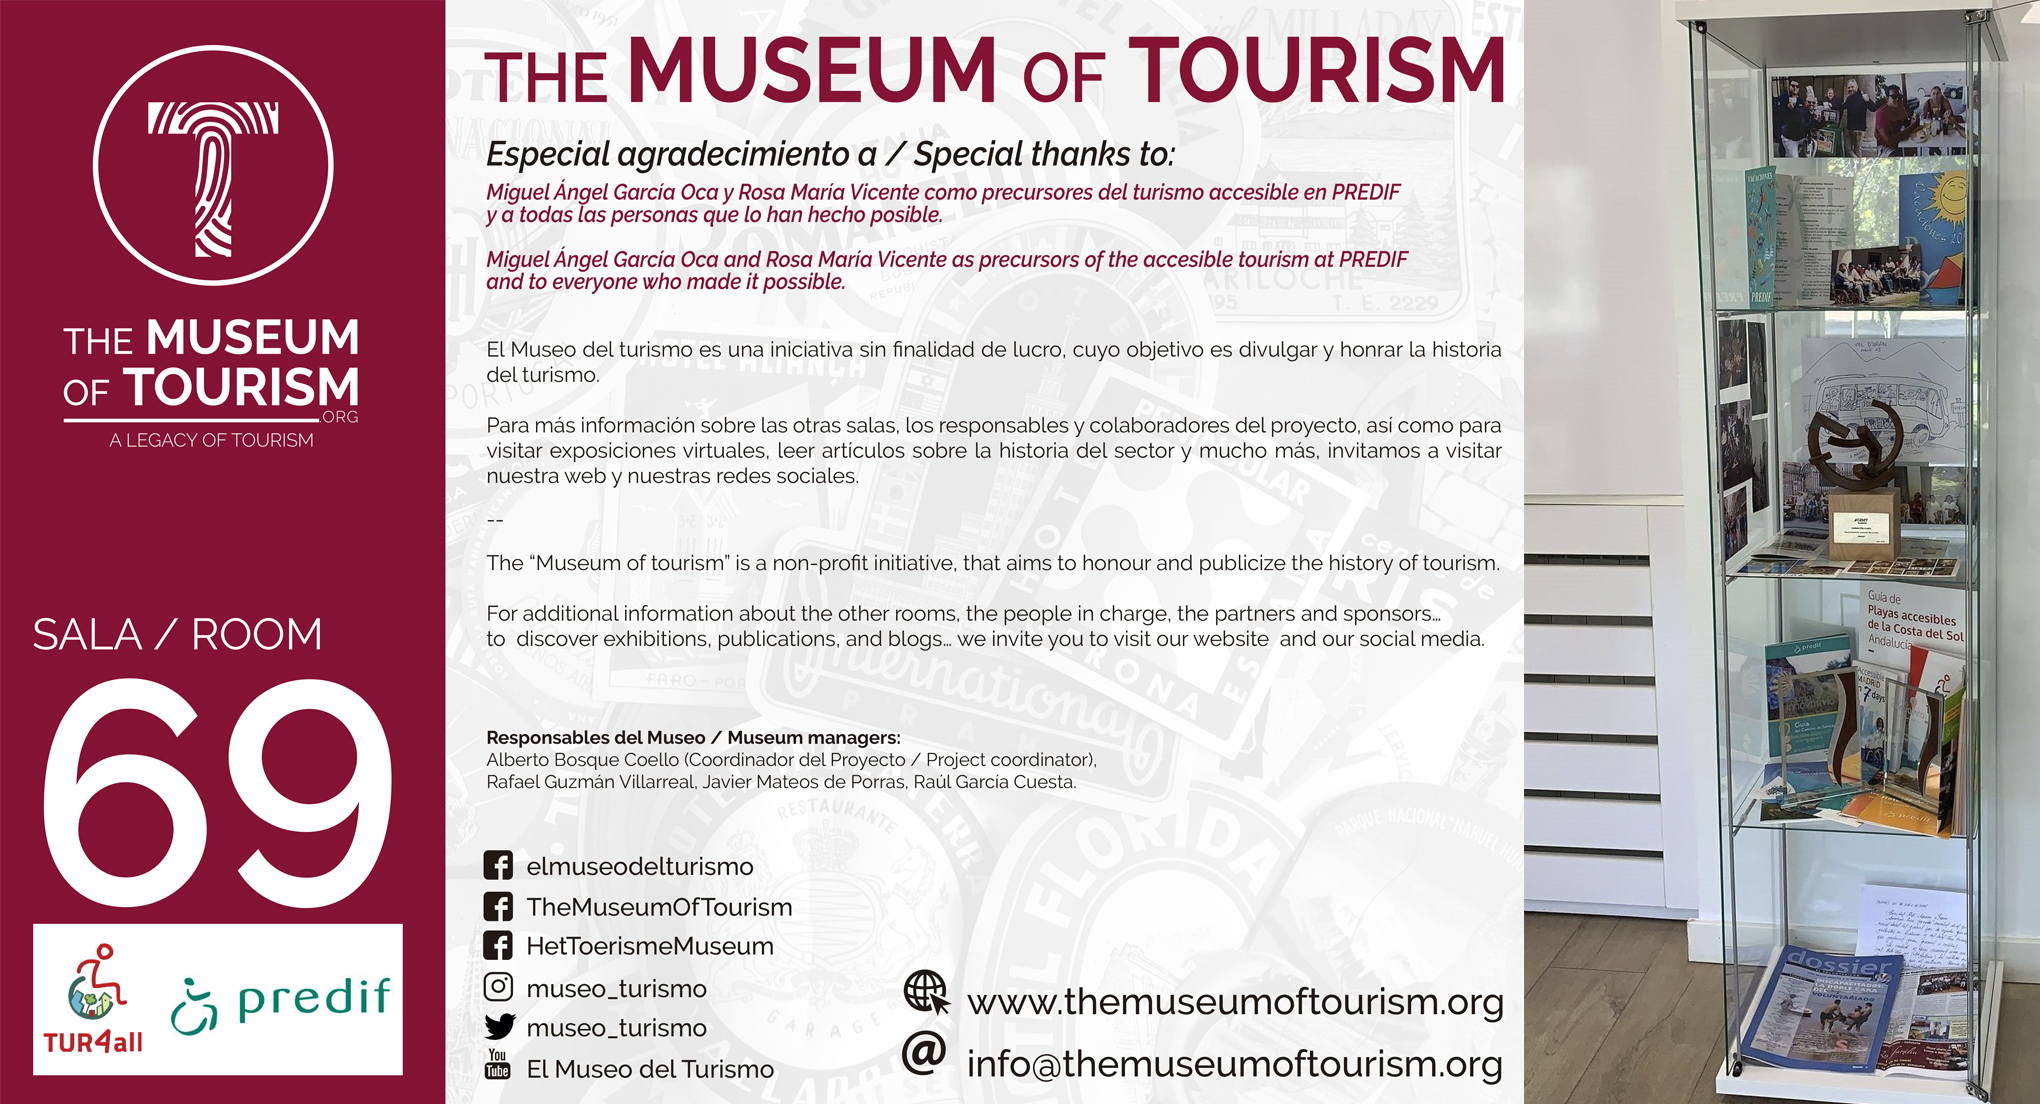 Cartel con el número 69 de sala y una foto de la vitrina de la sala de turismo accesible